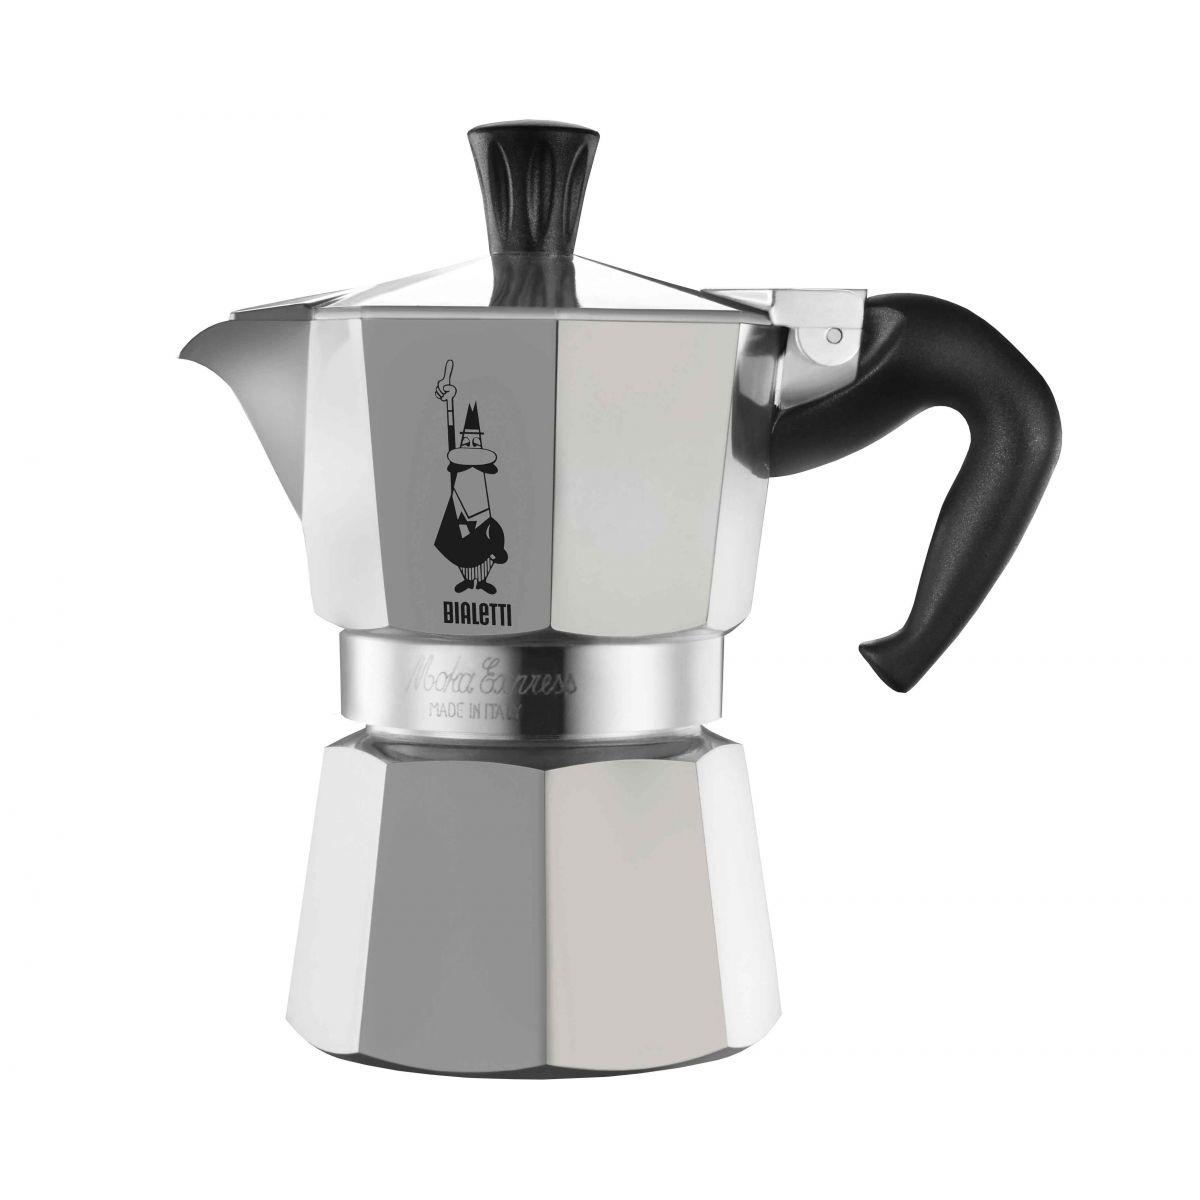 Cafeteira Bialetti Nuova Moka Express 9 Xícaras produz café tipo expresso em minutos